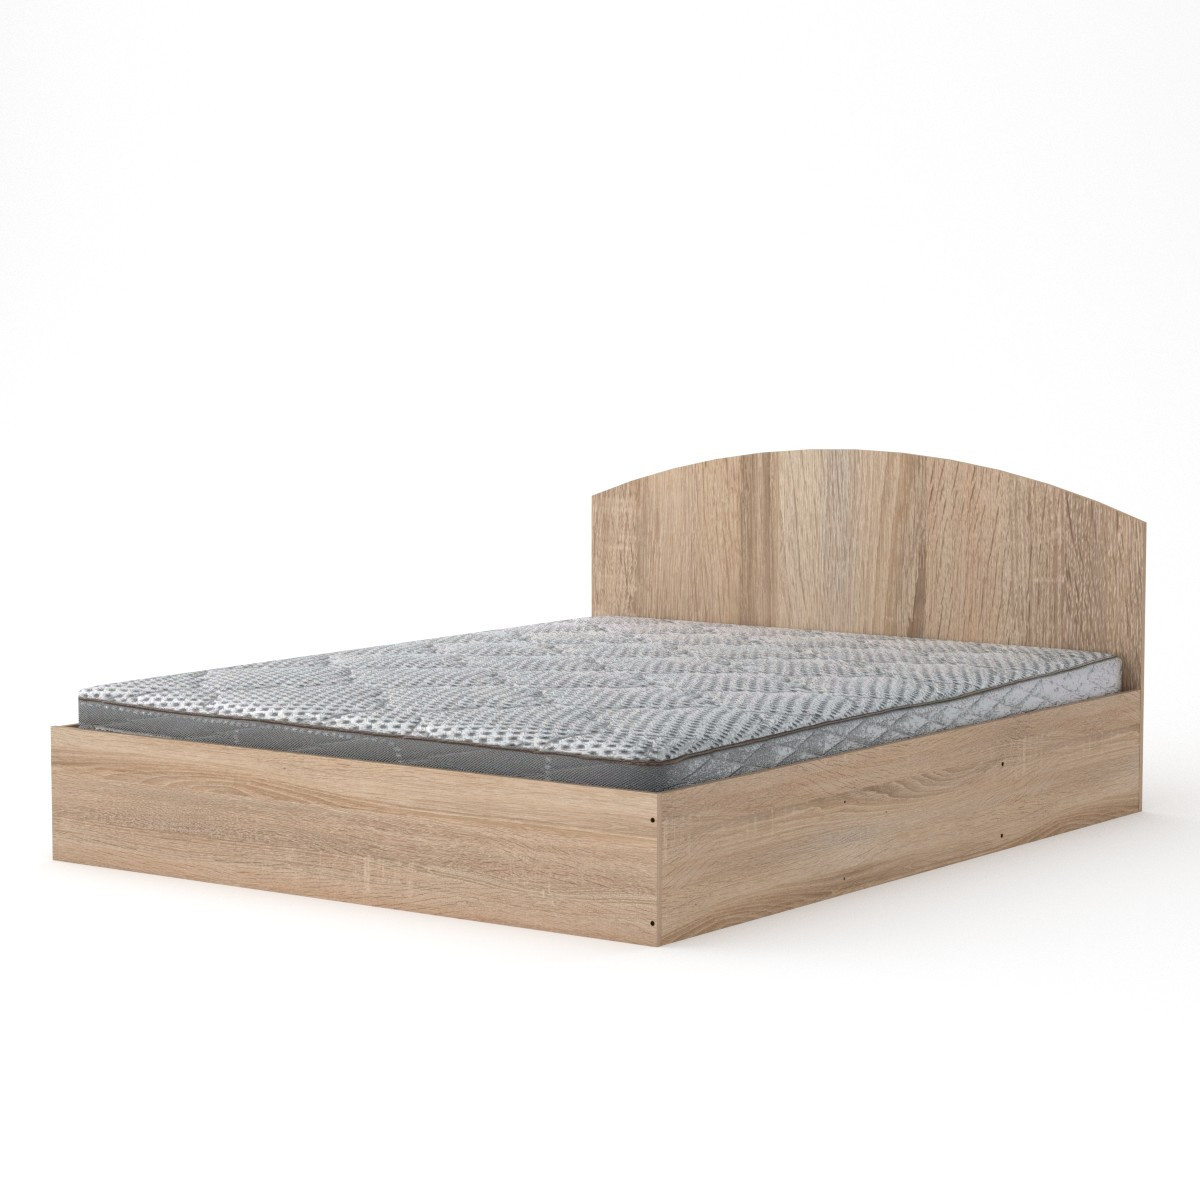 Кровать с матрасом 140 дуб сонома Компанит (144х202х75 см)